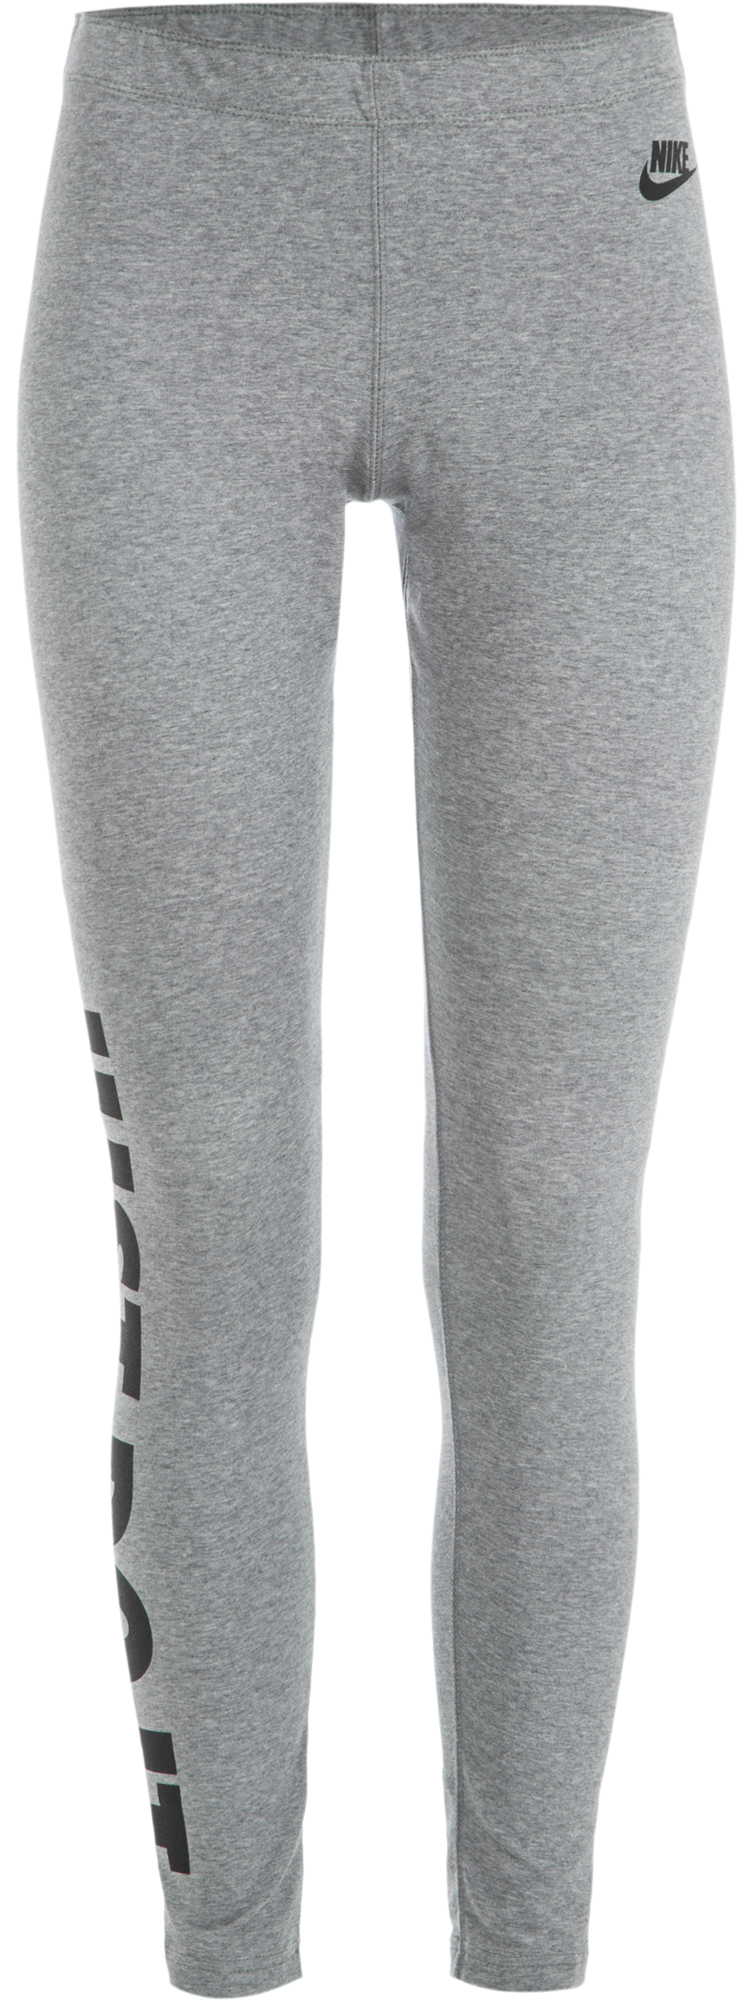 Nike Легинсы женские Nike nike легинсы купить